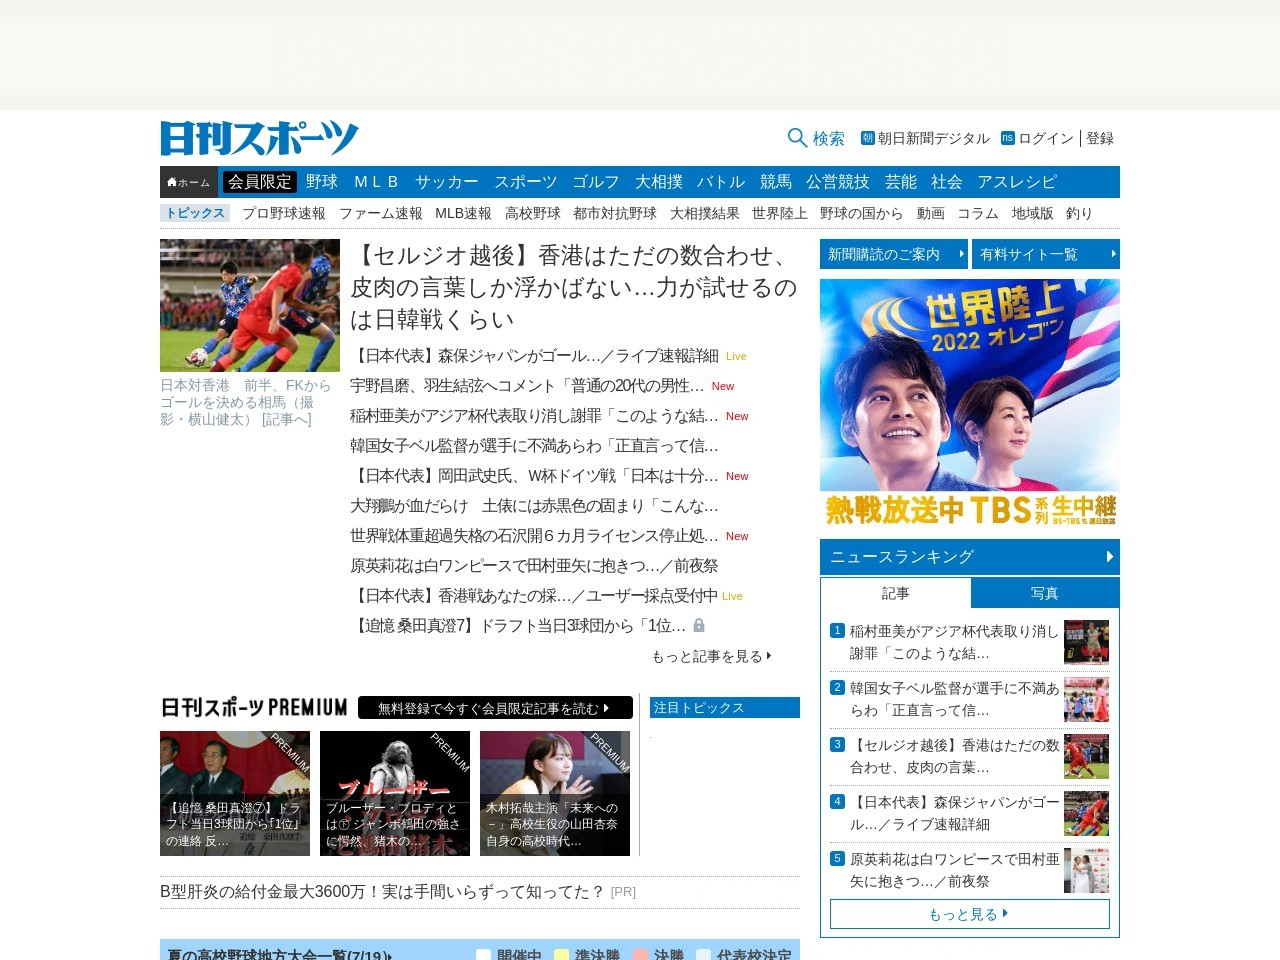 中田久美ジャパンはストレート負け/女子バレー詳細